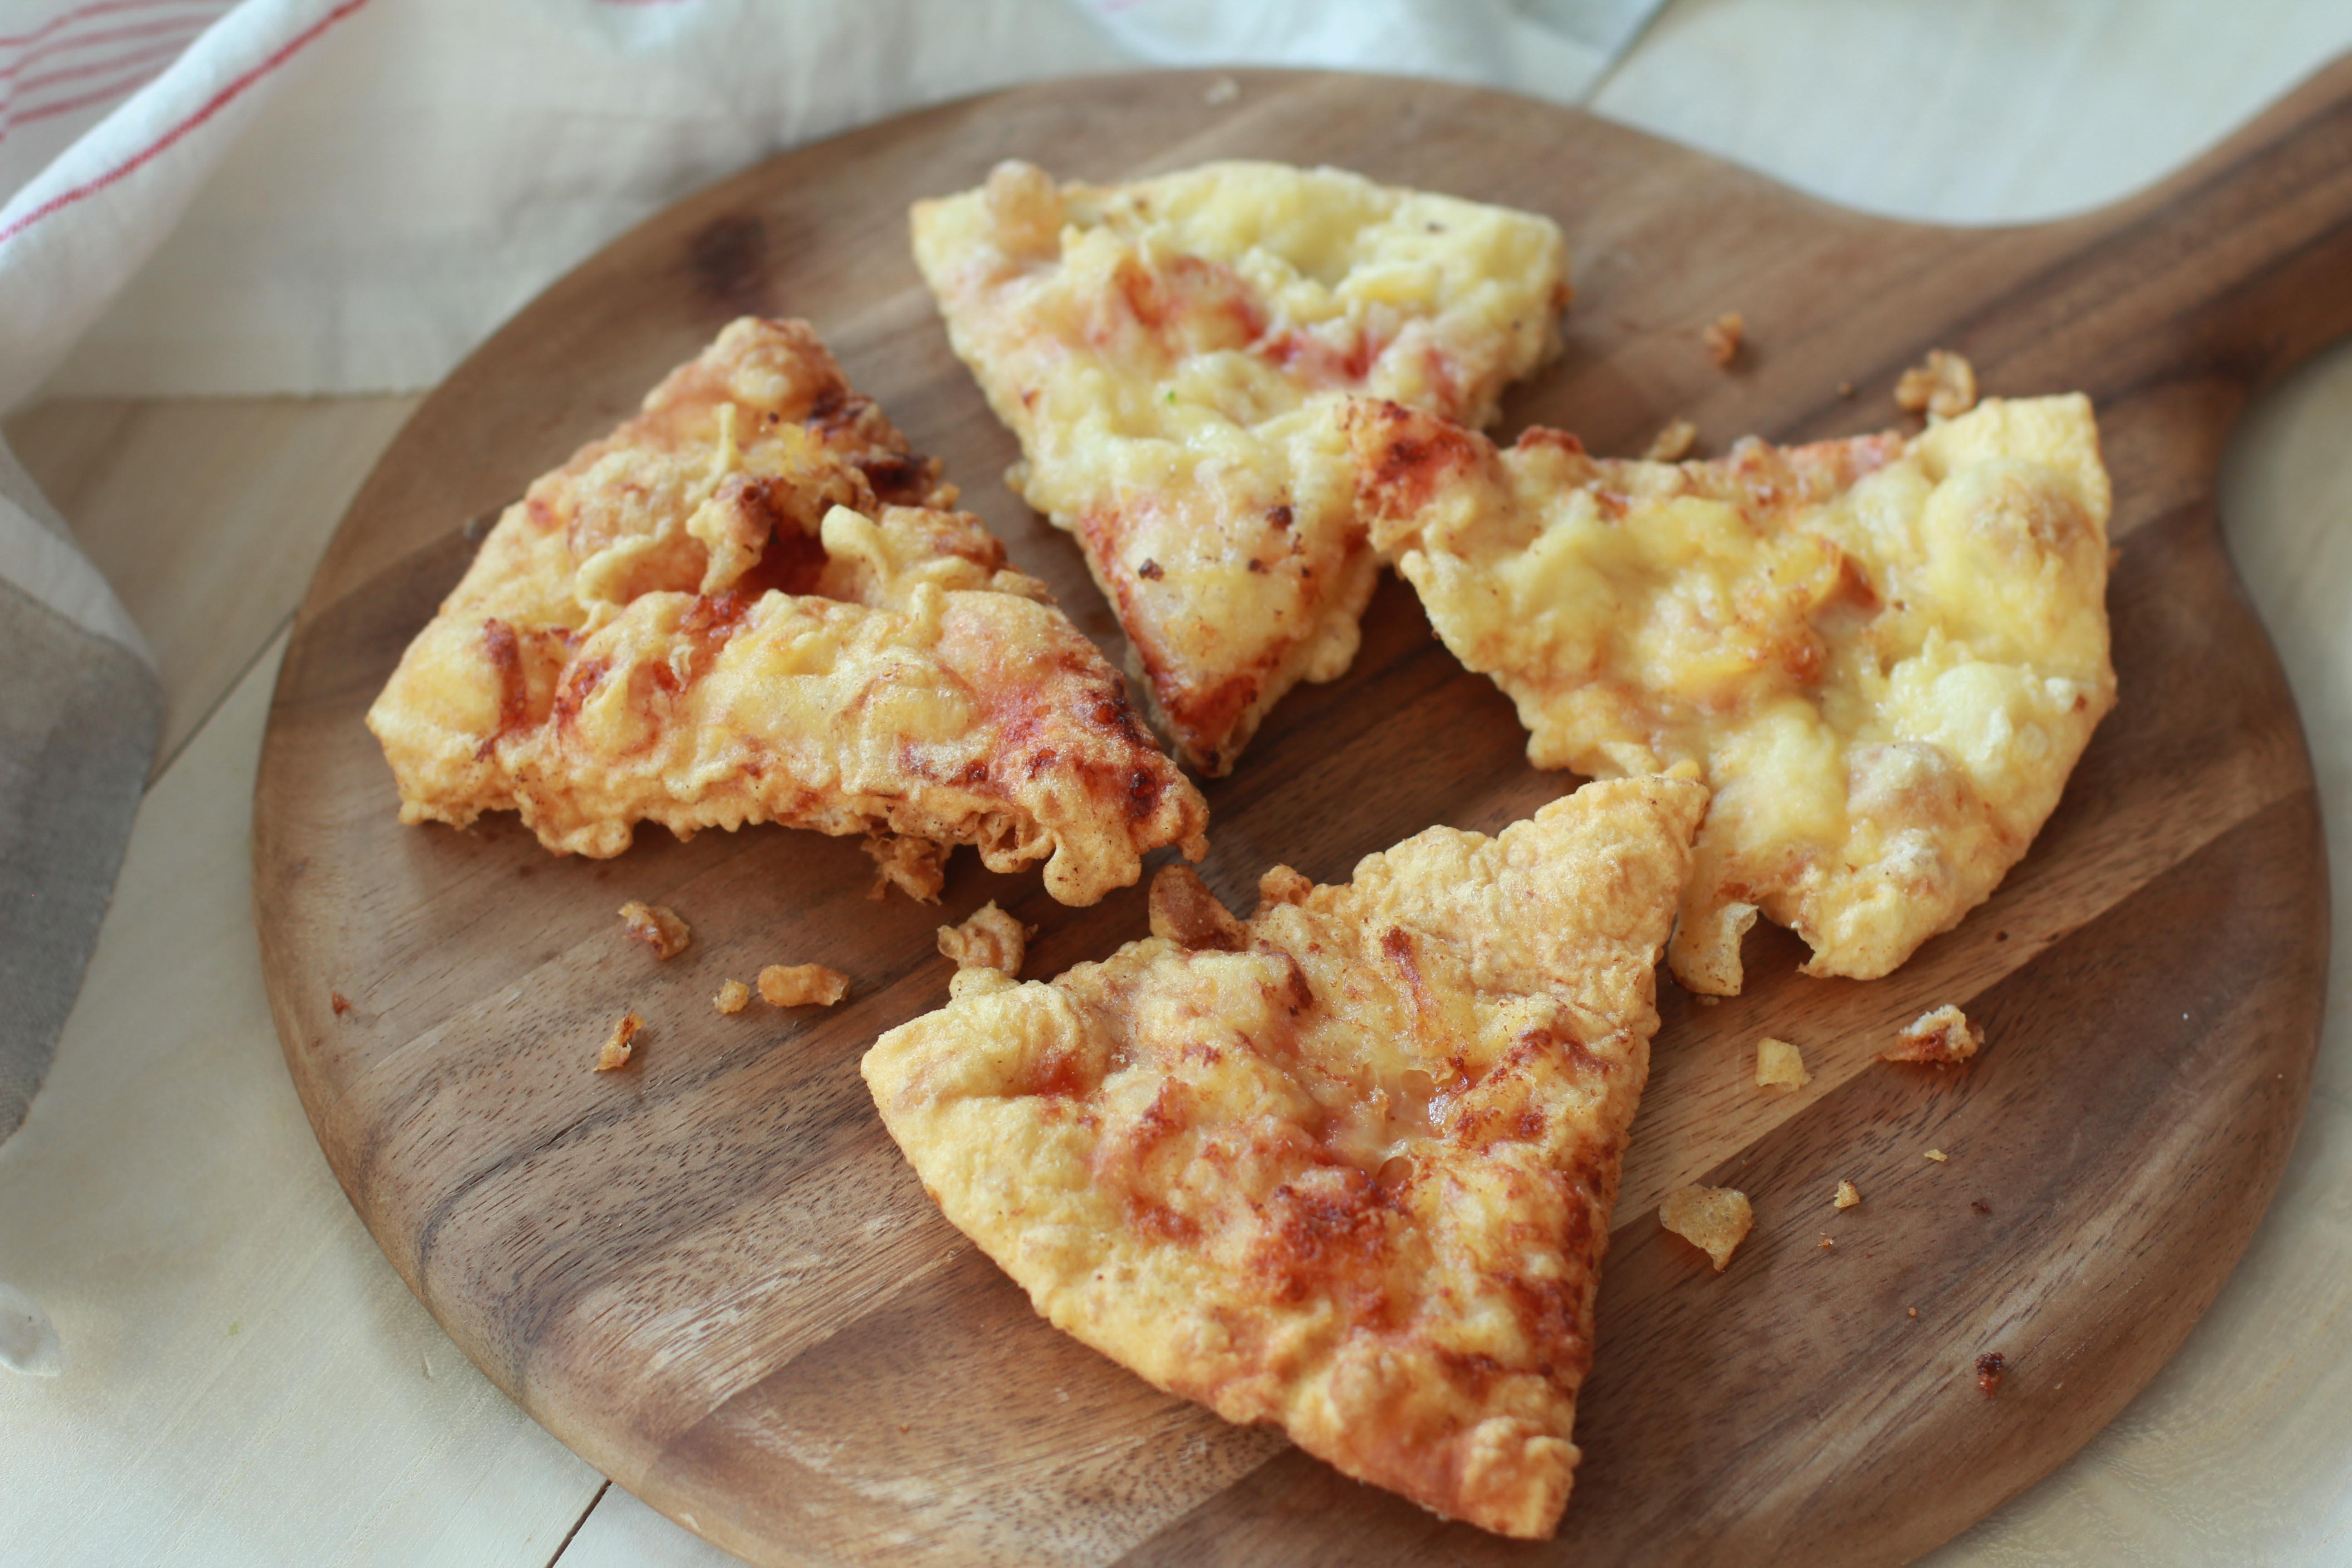 余った「宅配ピザ」を翌日ちょっとアレンジして、劇的に美味しくする方法